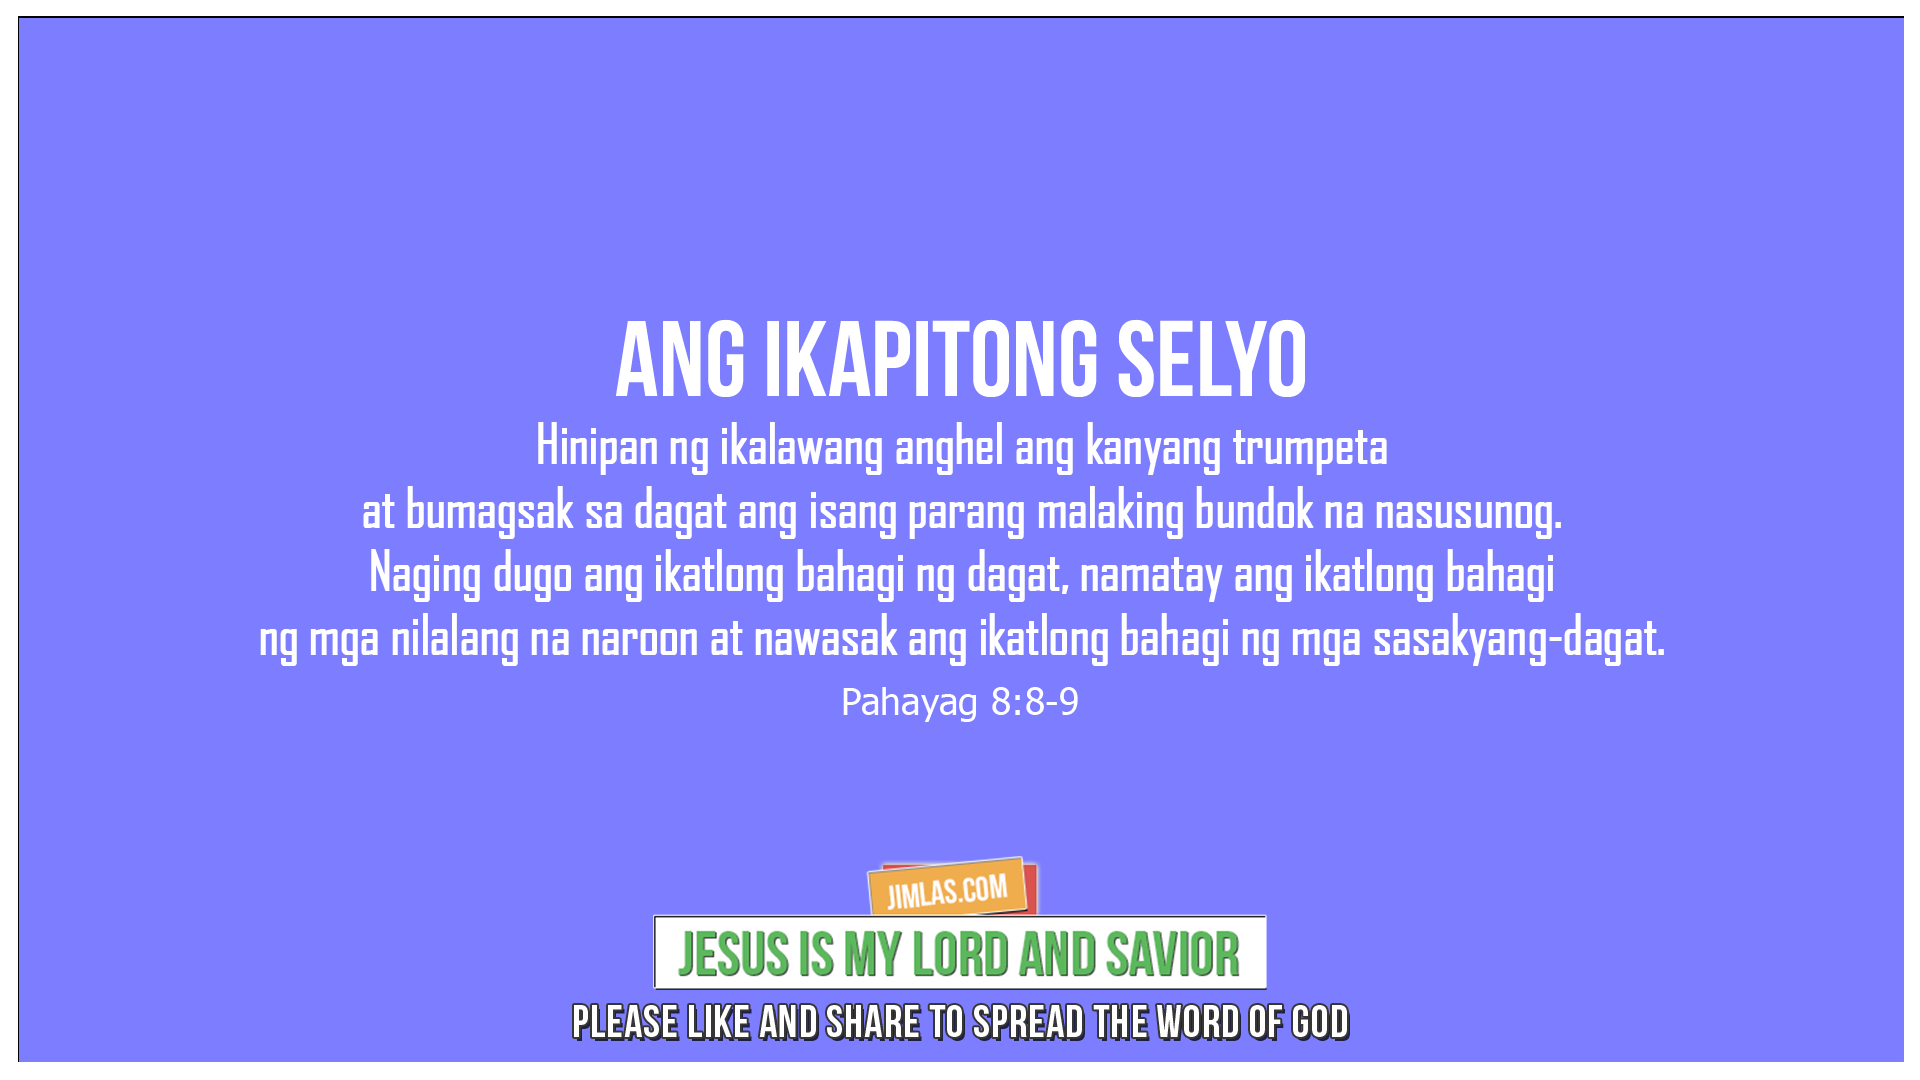 Pahayag 8:8-9, Pahayag 8:8-9